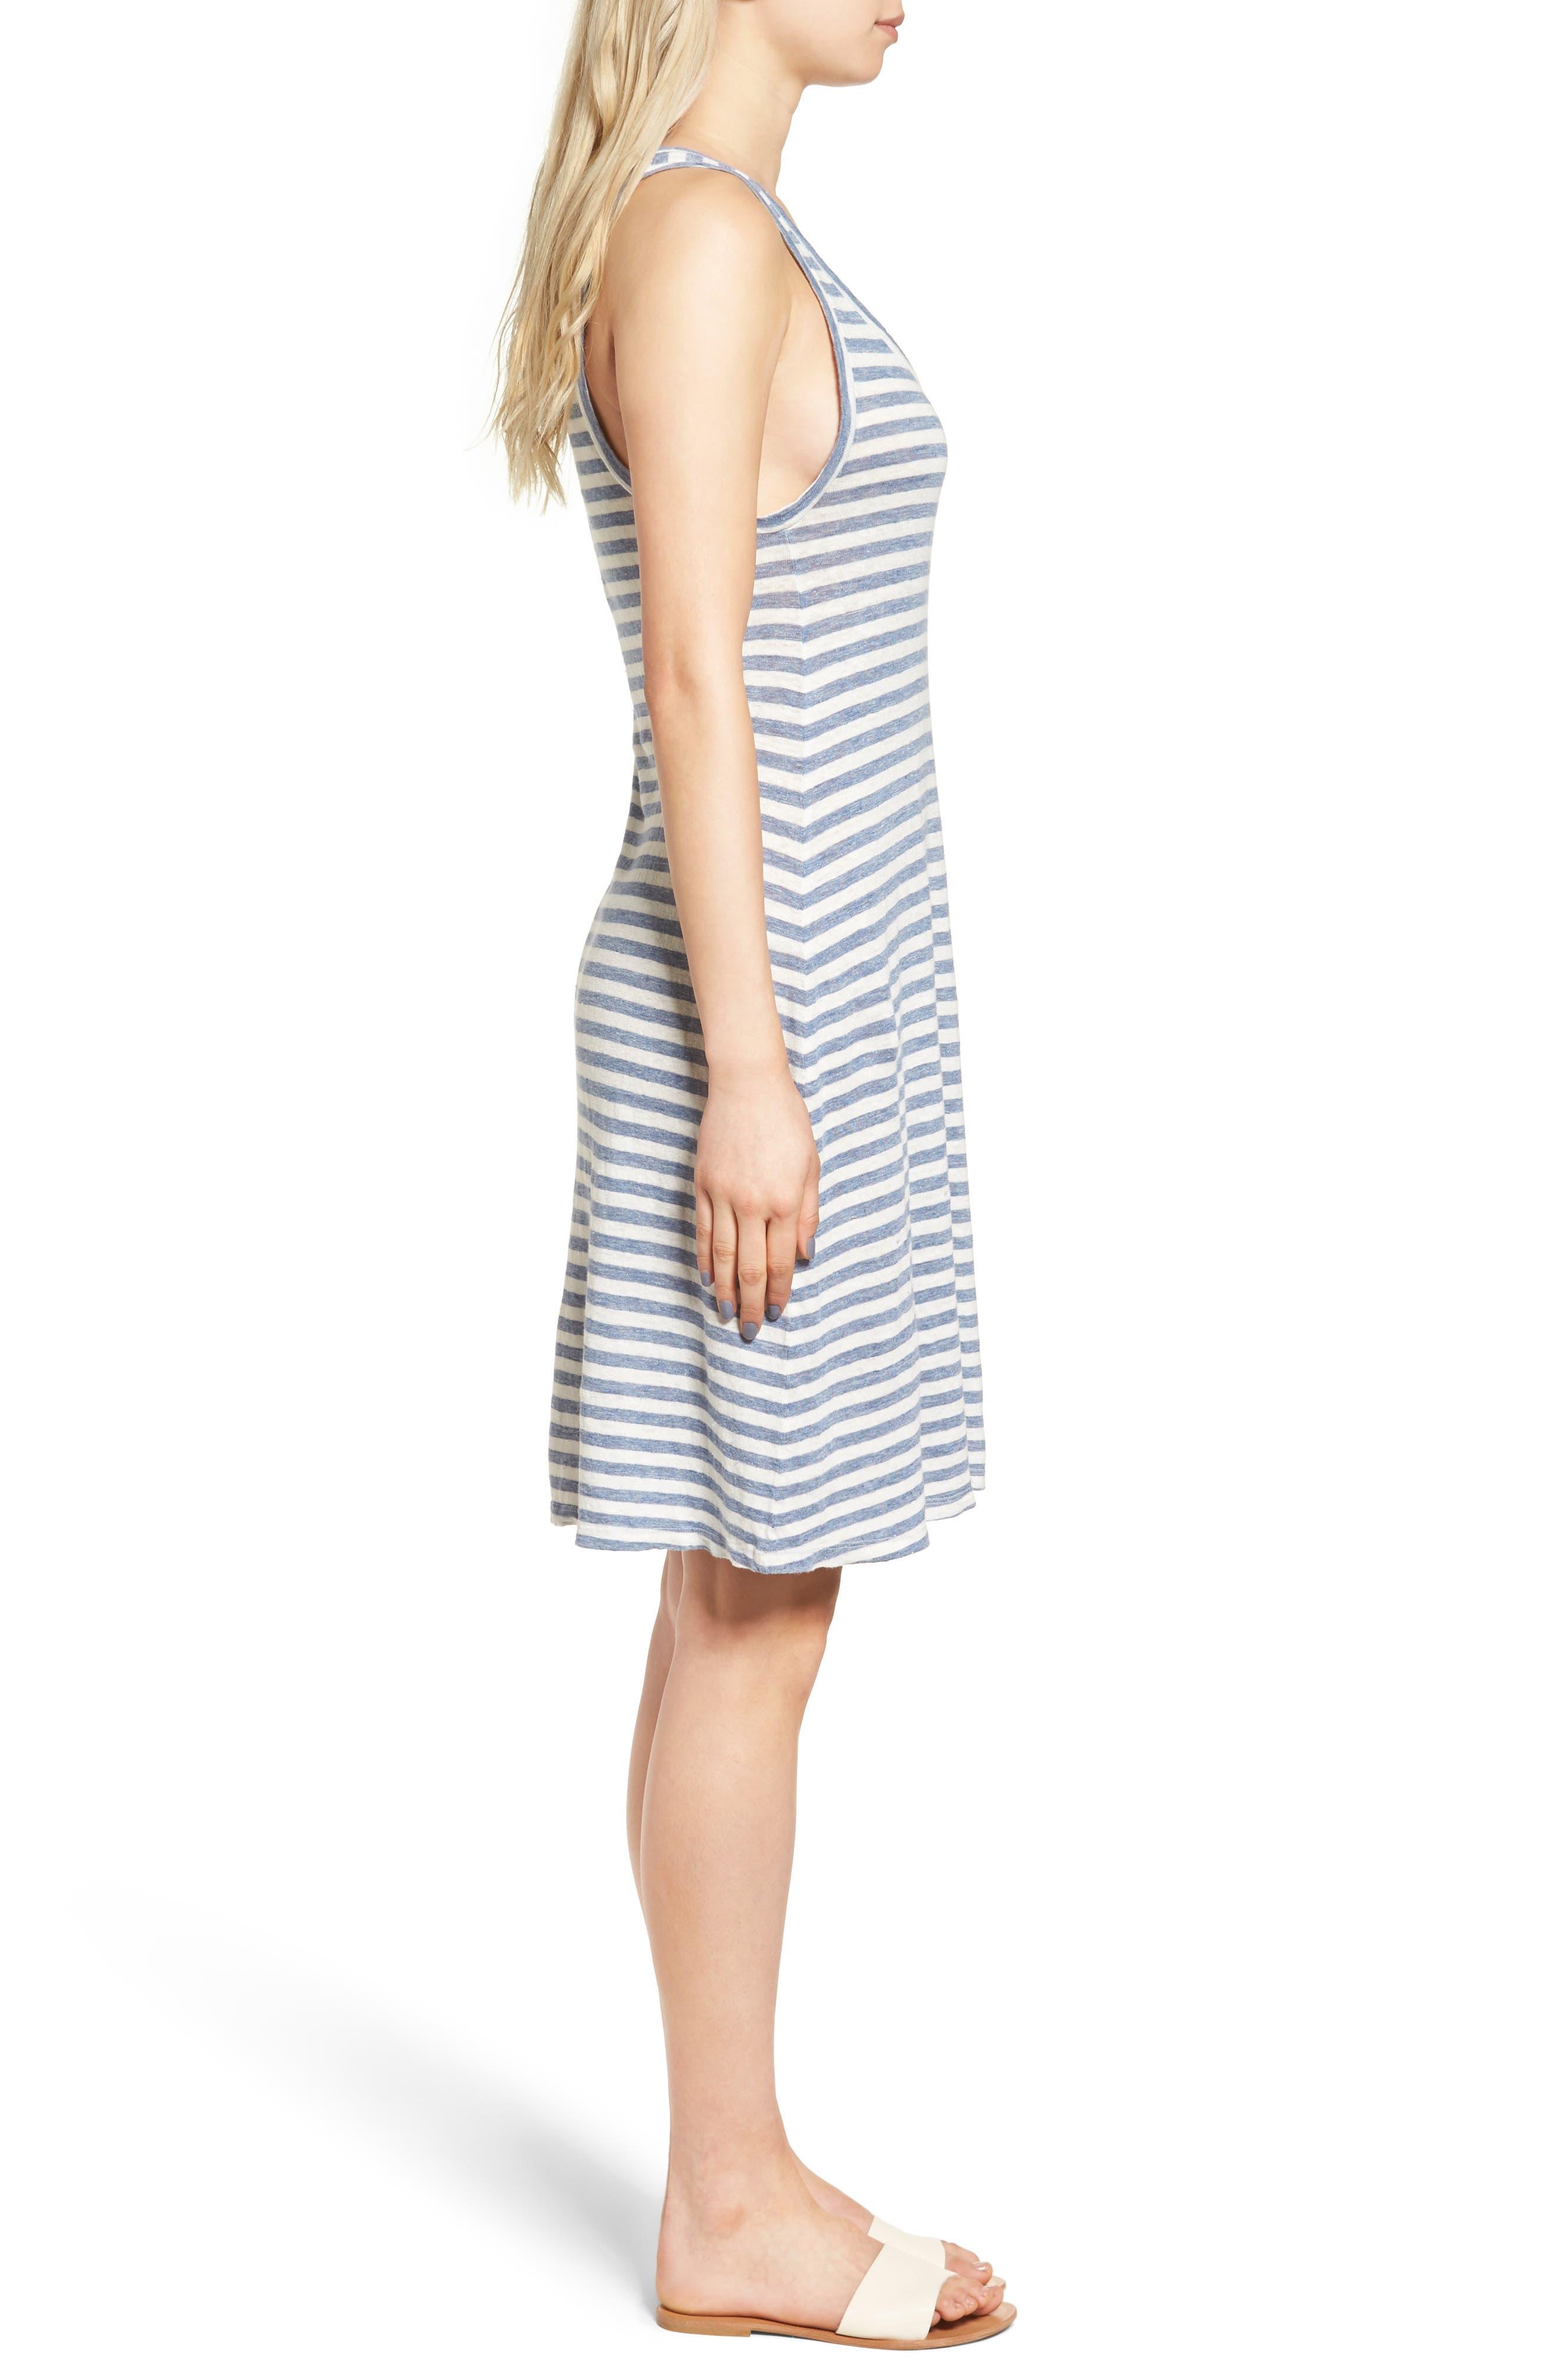 Avril Linen Tank Dress,                             Alternate thumbnail 3, color,                             433